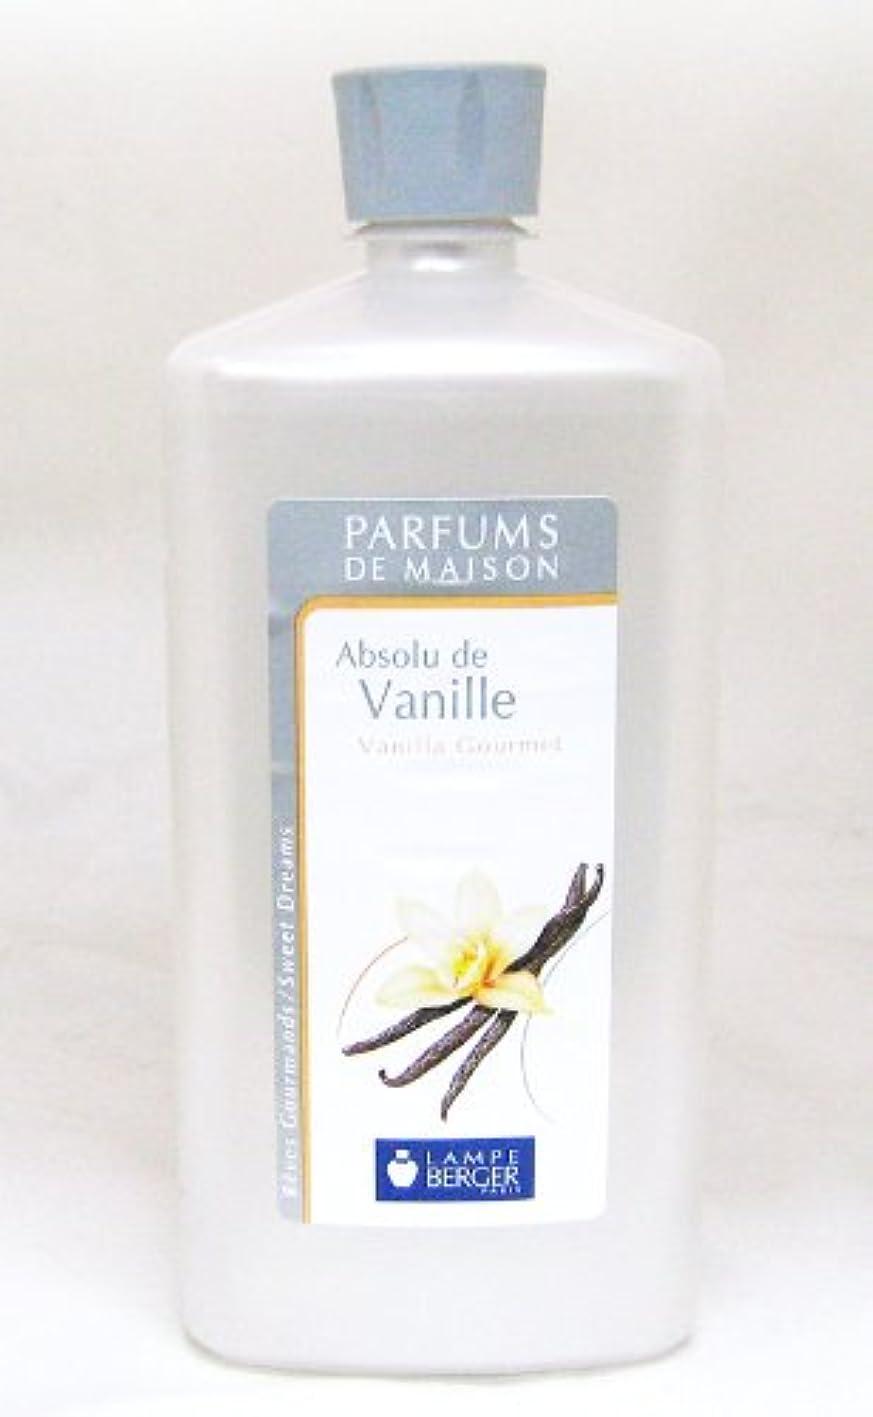 食用シート移民ランプベルジェ フランス版 1000ml アロマオイル バニラ Absolu de Vanille